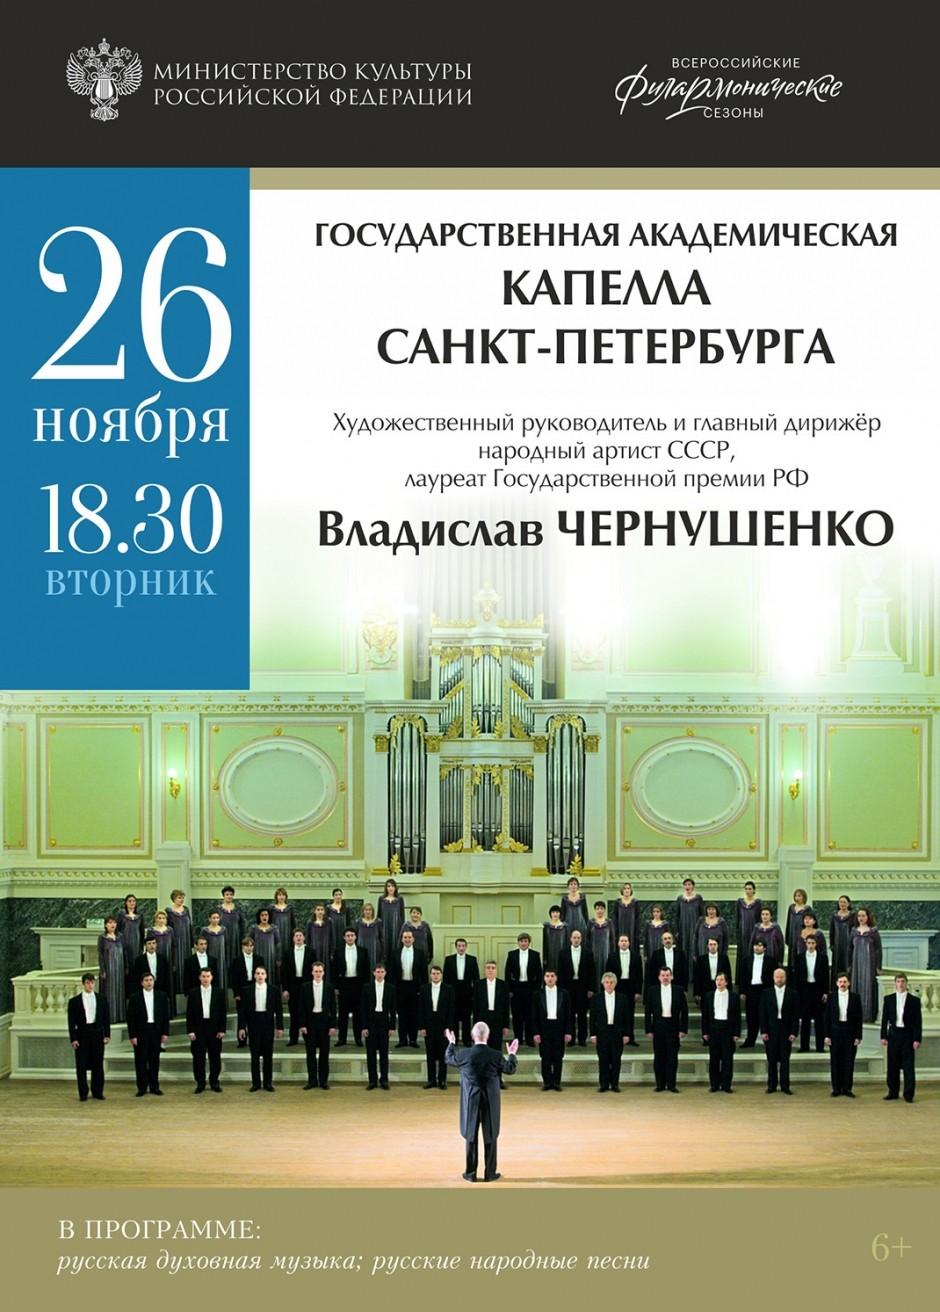 В Твери выступит Певческая капелла Санкт-Петербурга